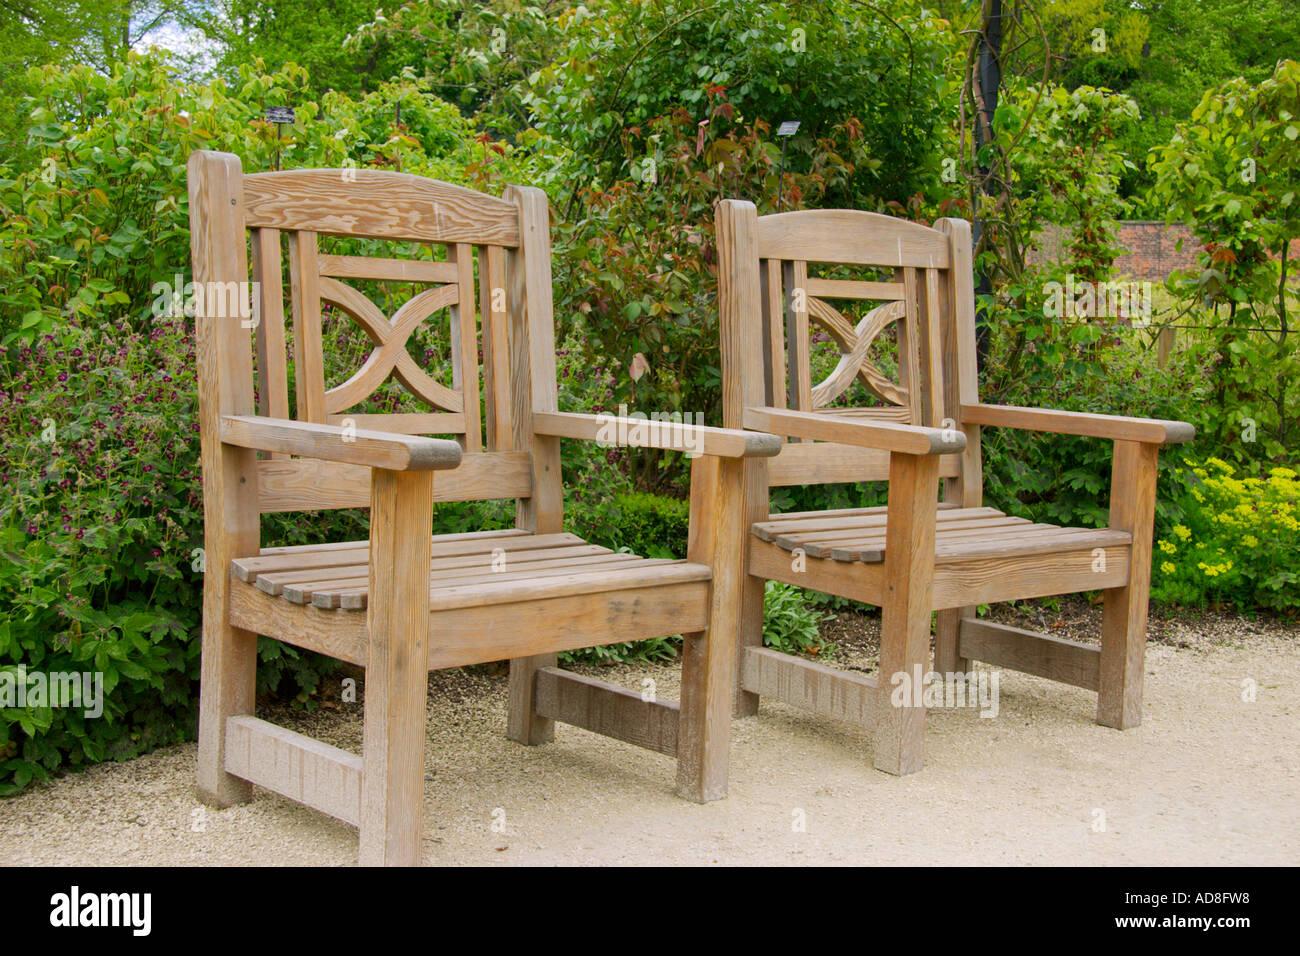 Alnwick Garden Stock Photos & Alnwick Garden Stock Images - Page 2 ...